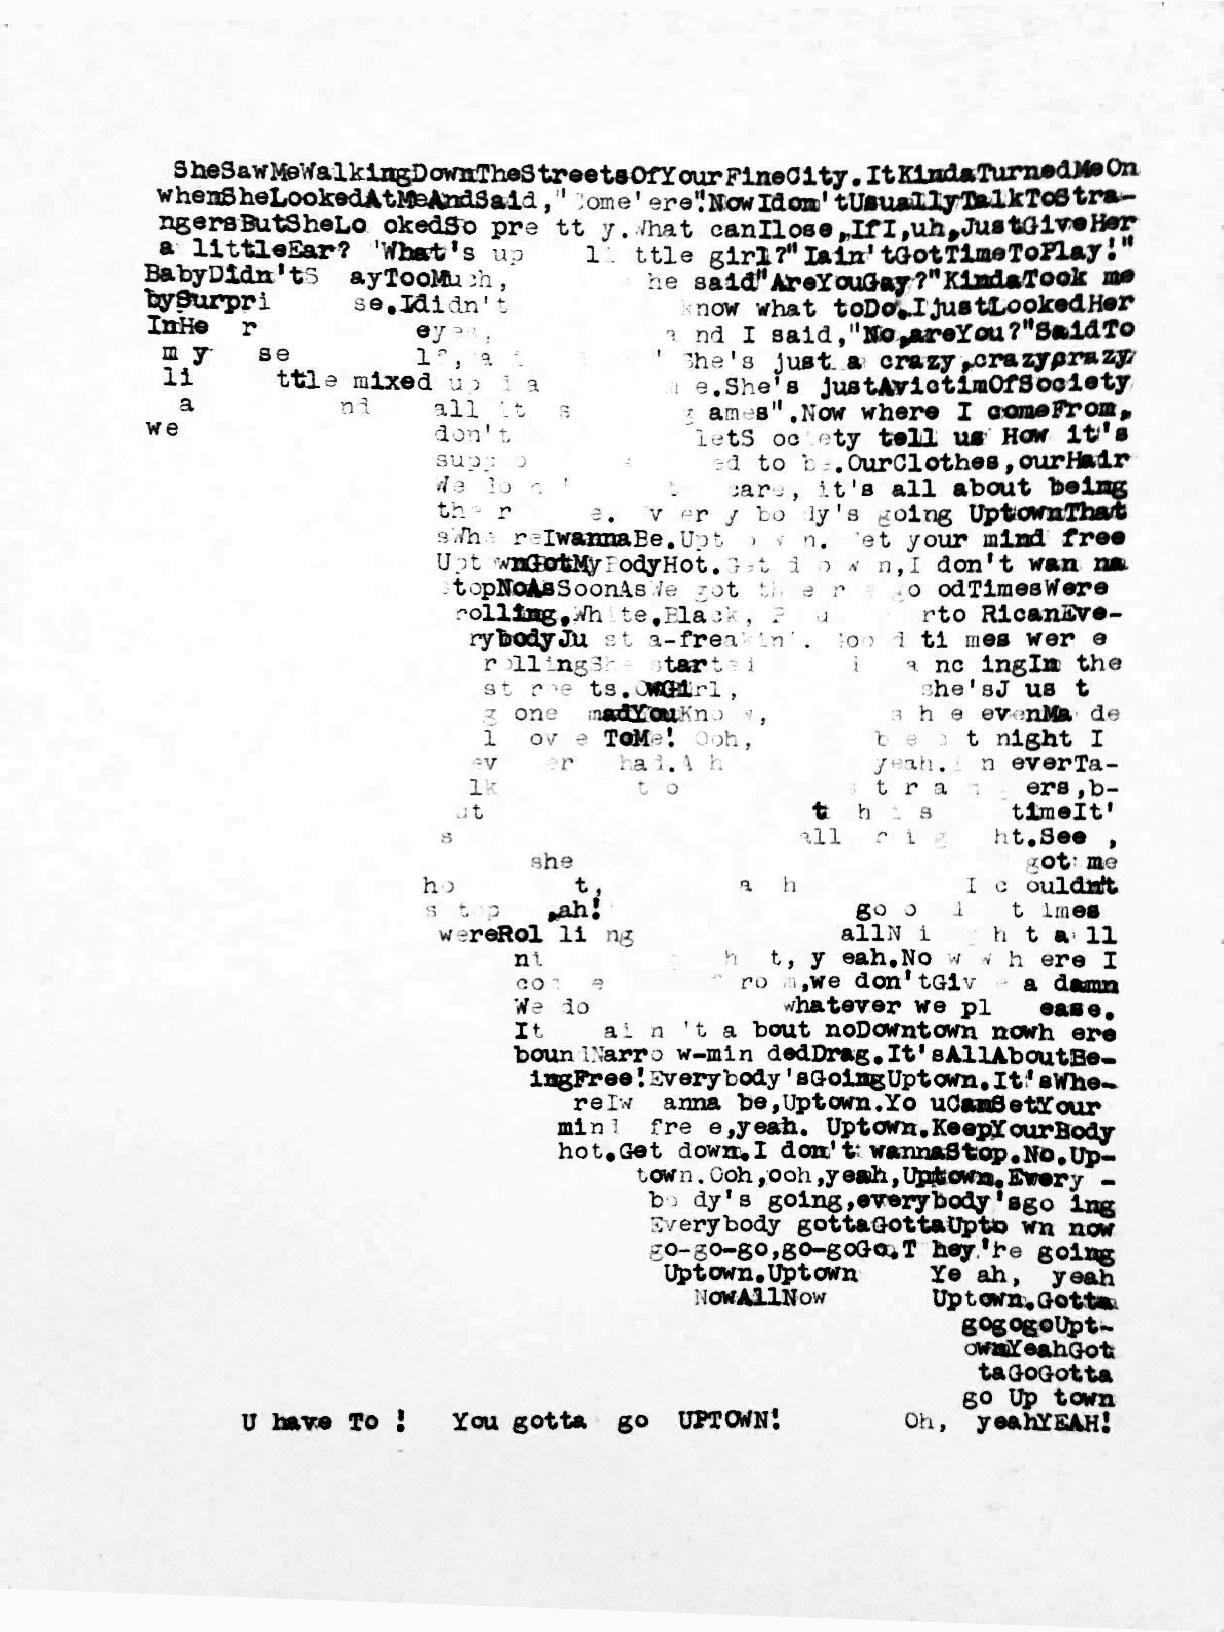 Prince_Uptown-type_DHOLLIER16.jpg